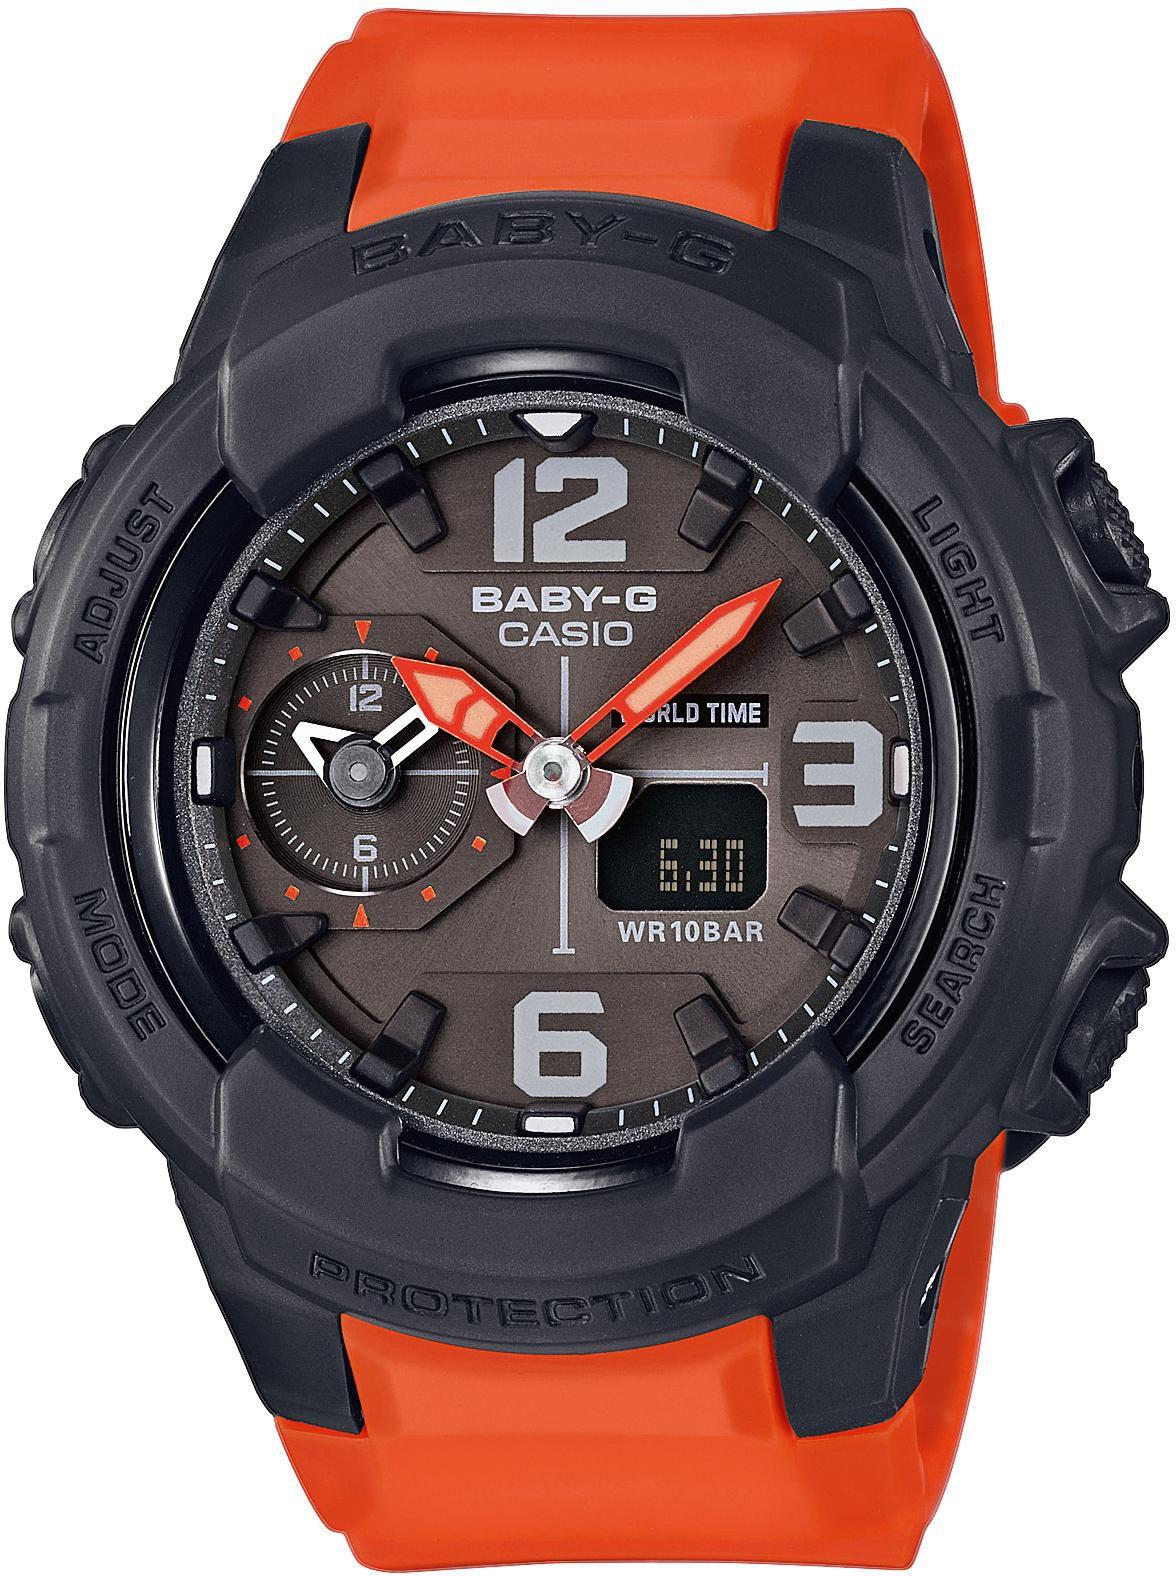 CASIO BABY G Baby-G Damenuhr Orange Casio schwarz